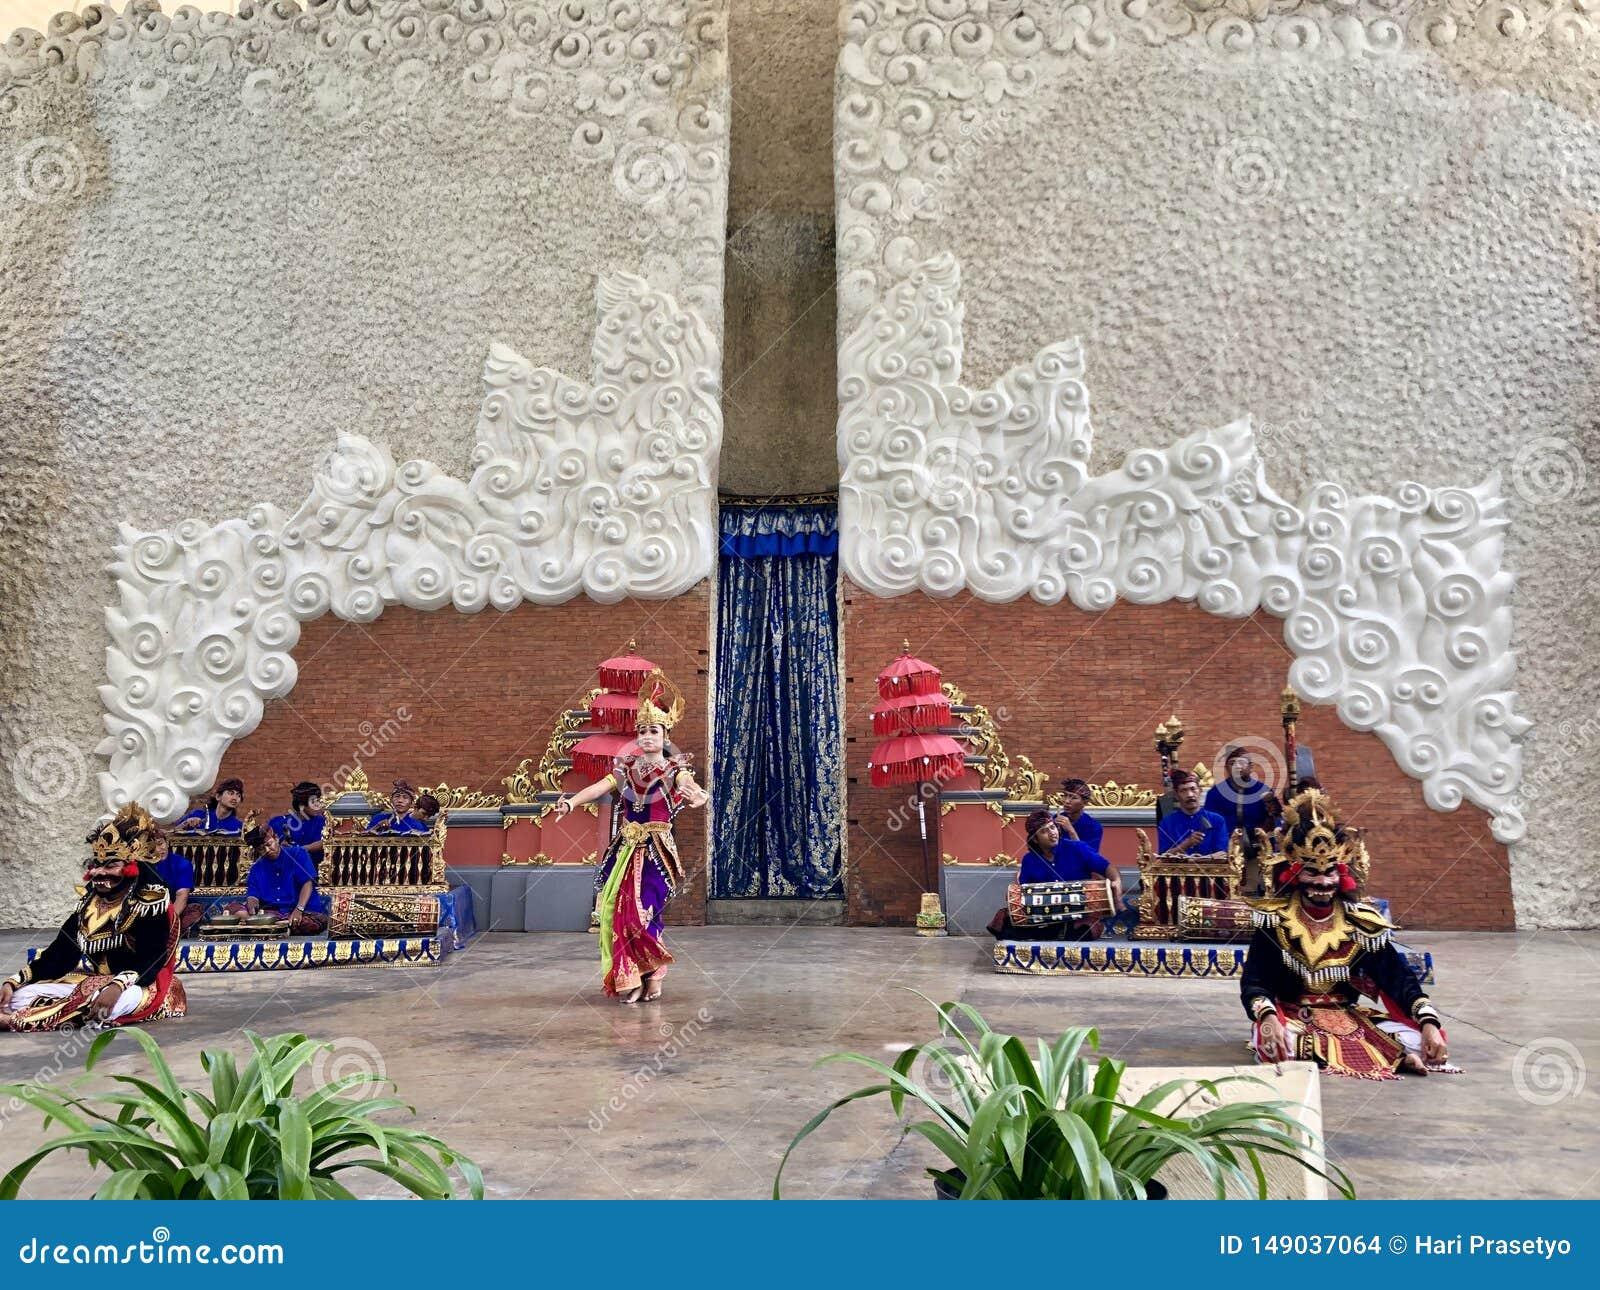 Desempenhos da dança do Balinese na fase na manhã em Garuda Wisnu Kencana GWK em Bali em Indonésia